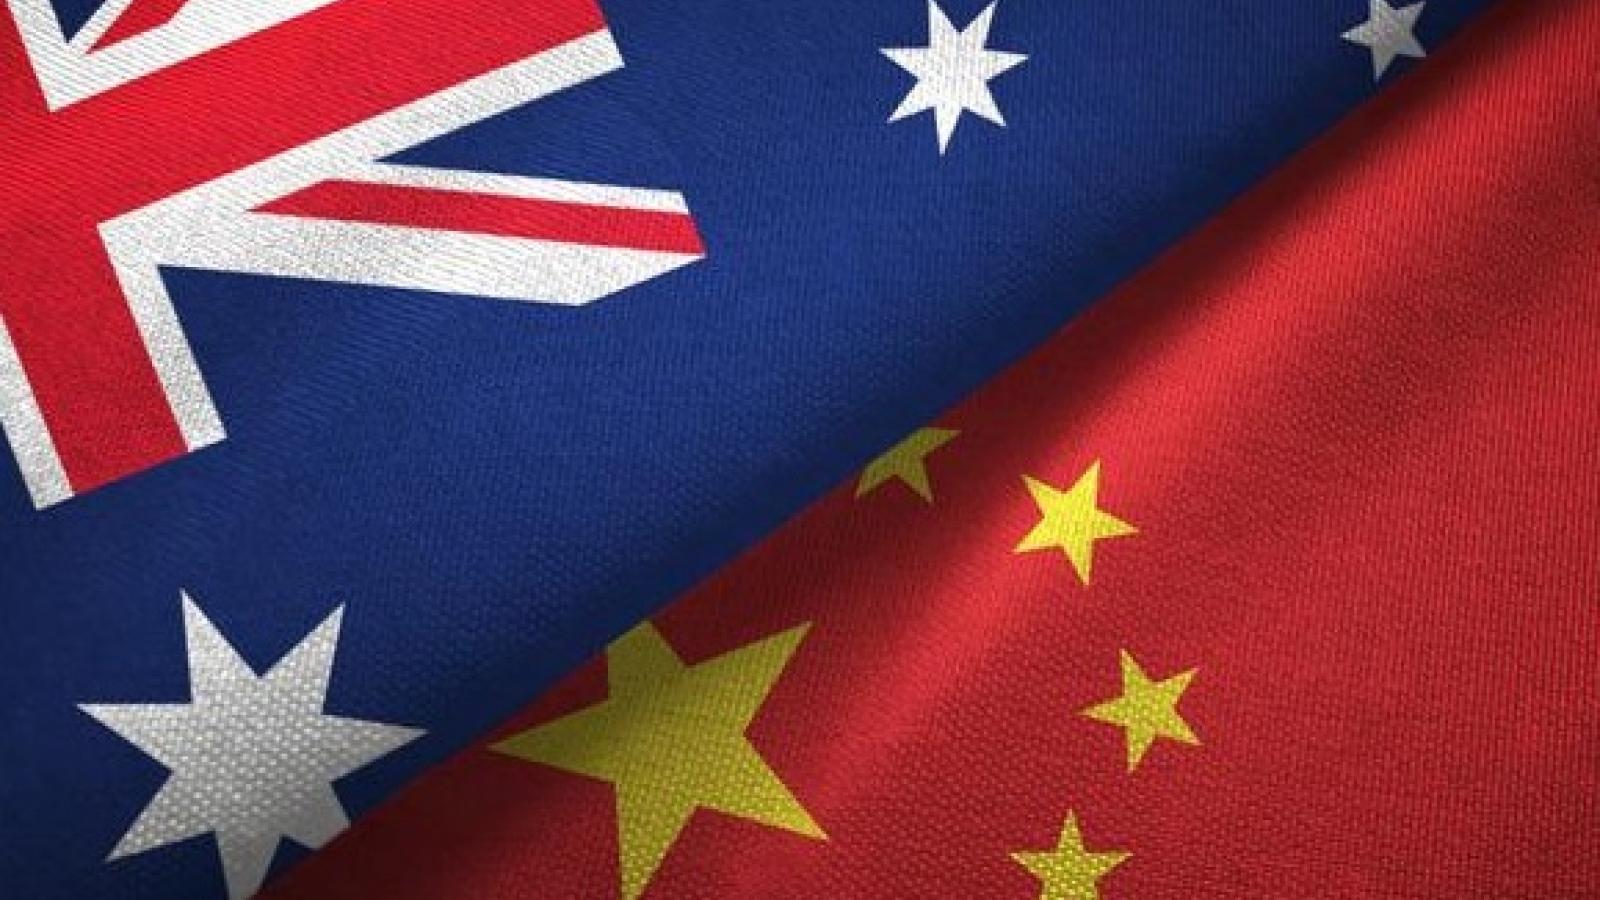 Trung Quốc đình chỉ hoạt động trong khuôn khổ Đối thoại Kinh tế Chiến lược với Australia